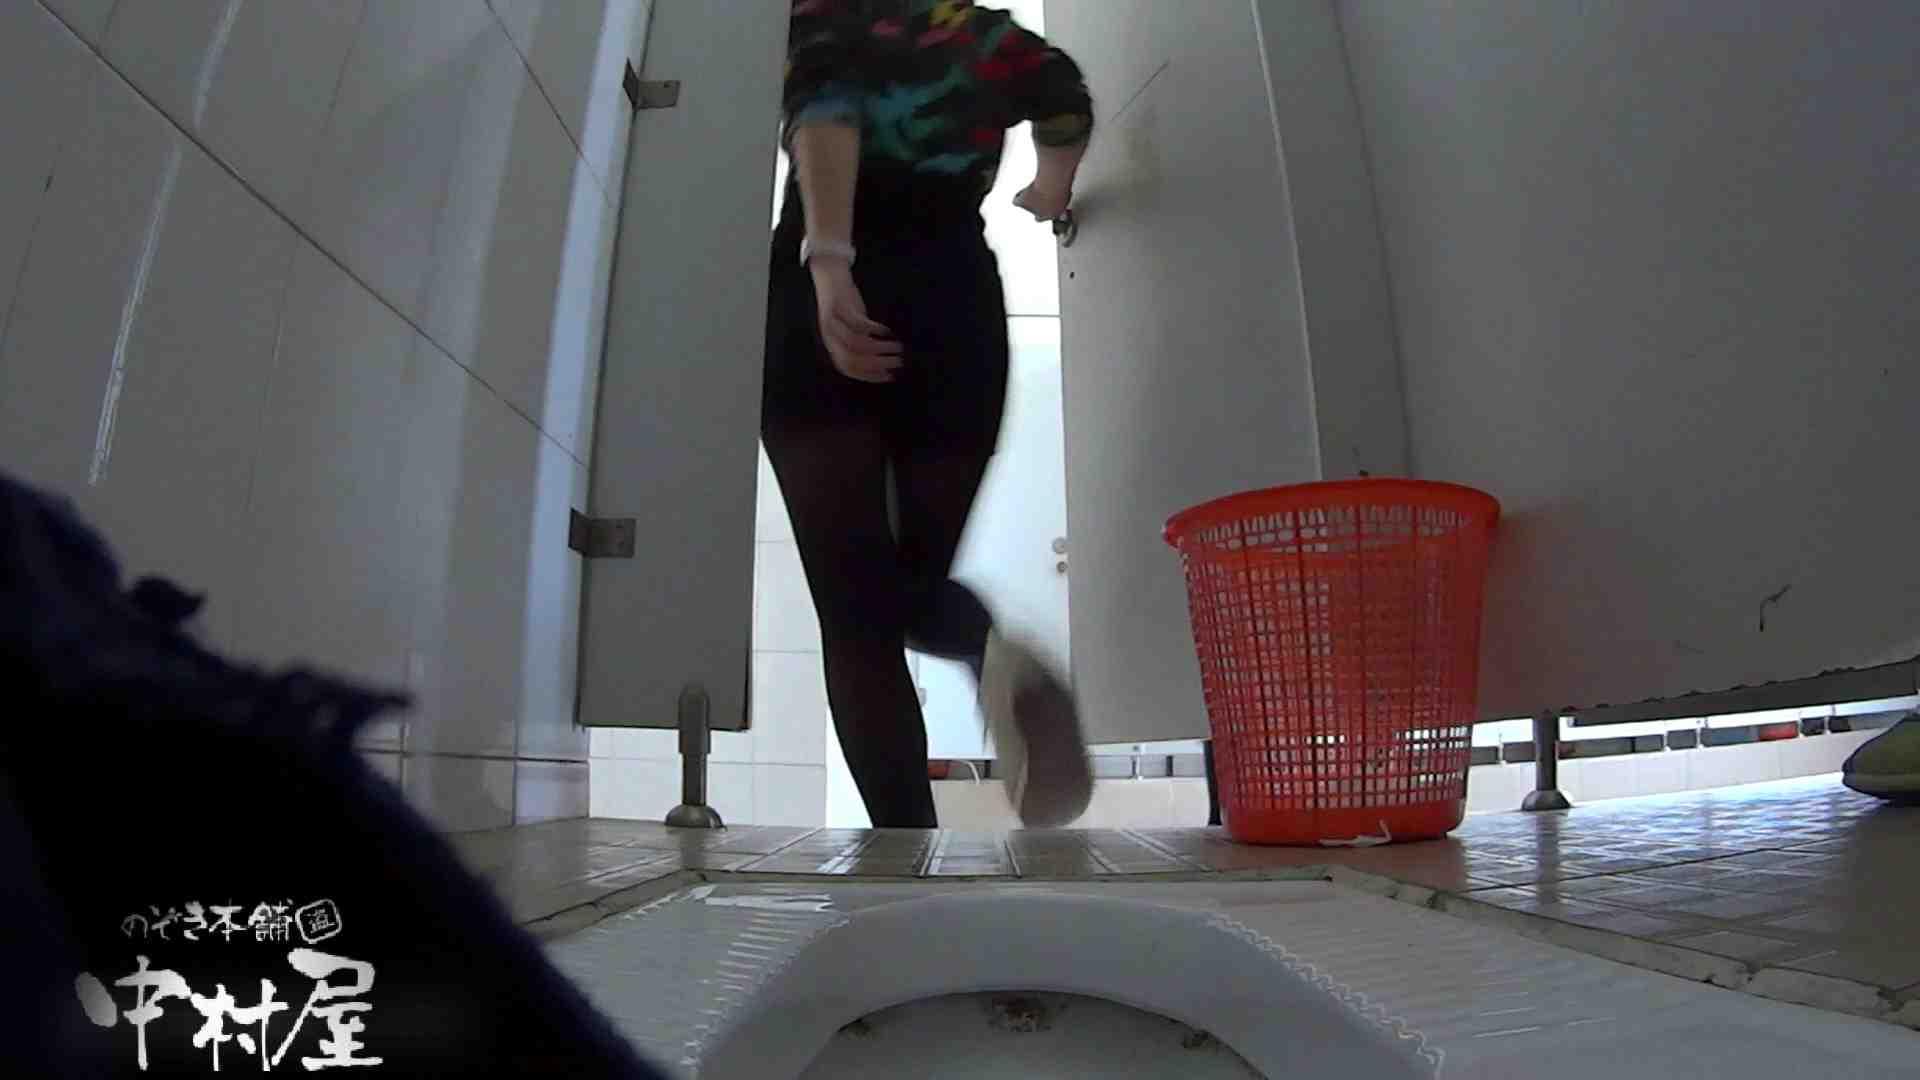 めくれ上がる陰部からの大聖水!大学休憩時間の洗面所事情27 盗撮 | 美女  87pic 22